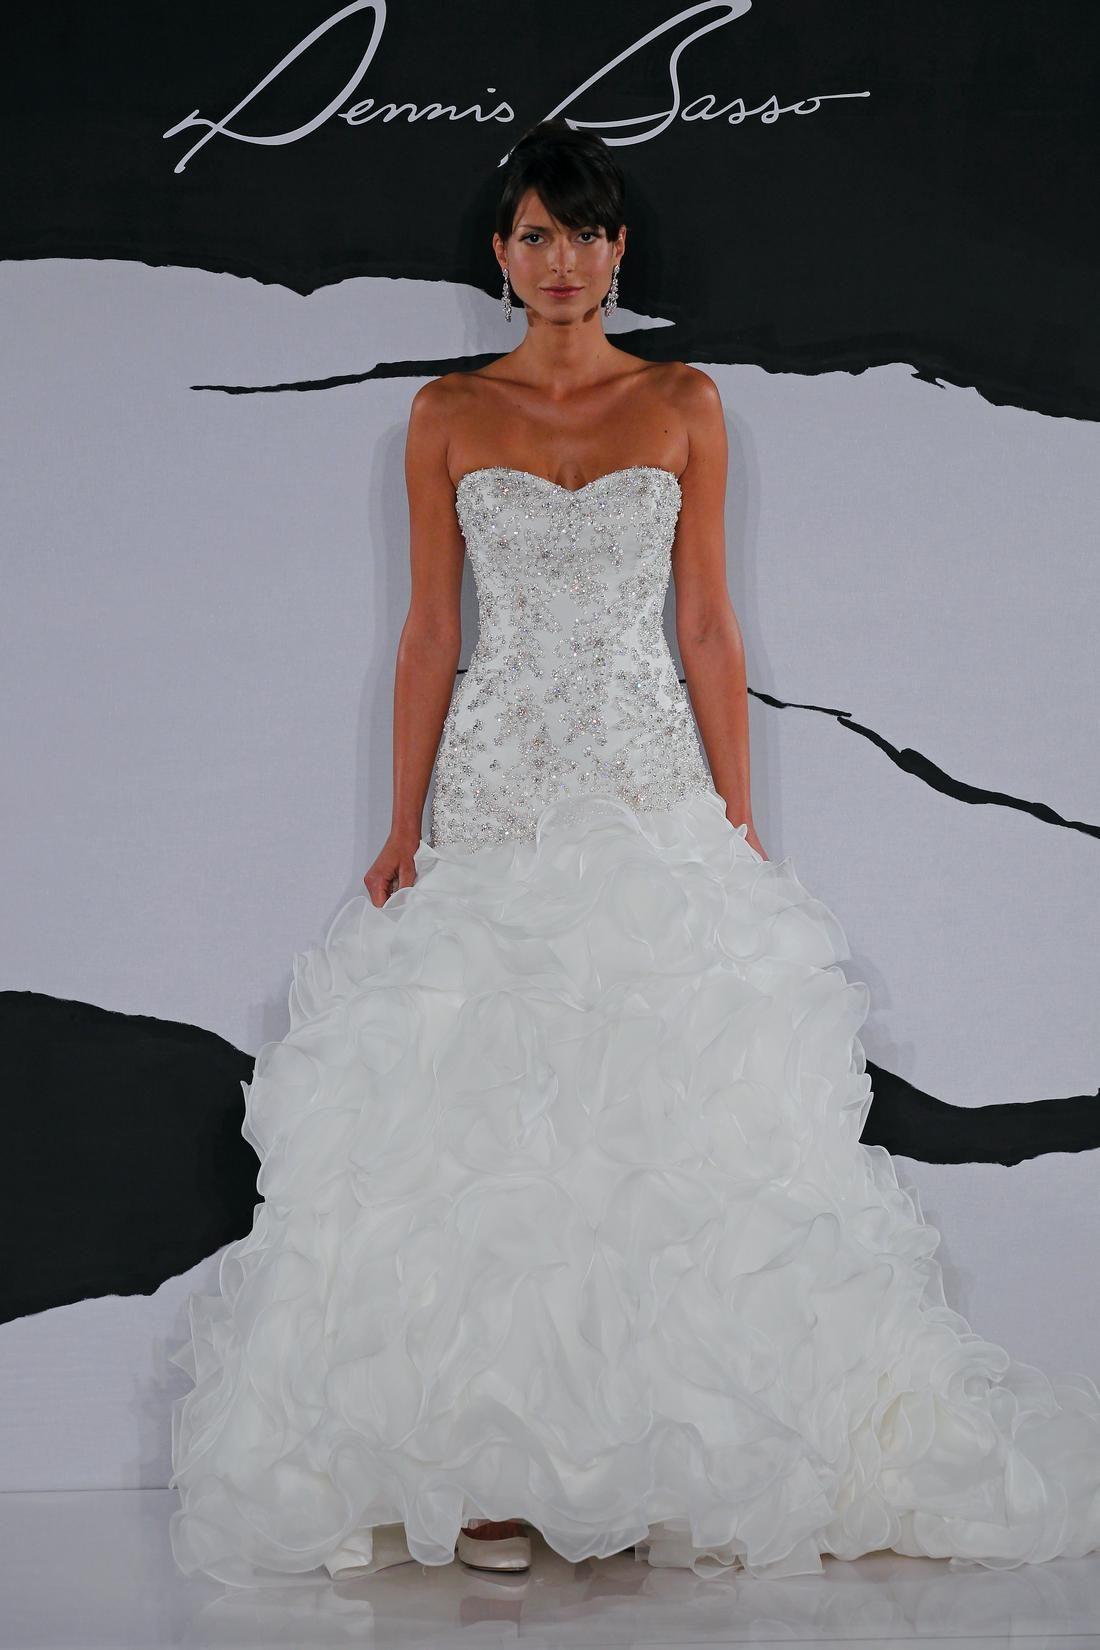 Dennis basso mermaid wedding dress with sweetheart for Drop waist wedding dress with sweetheart neckline